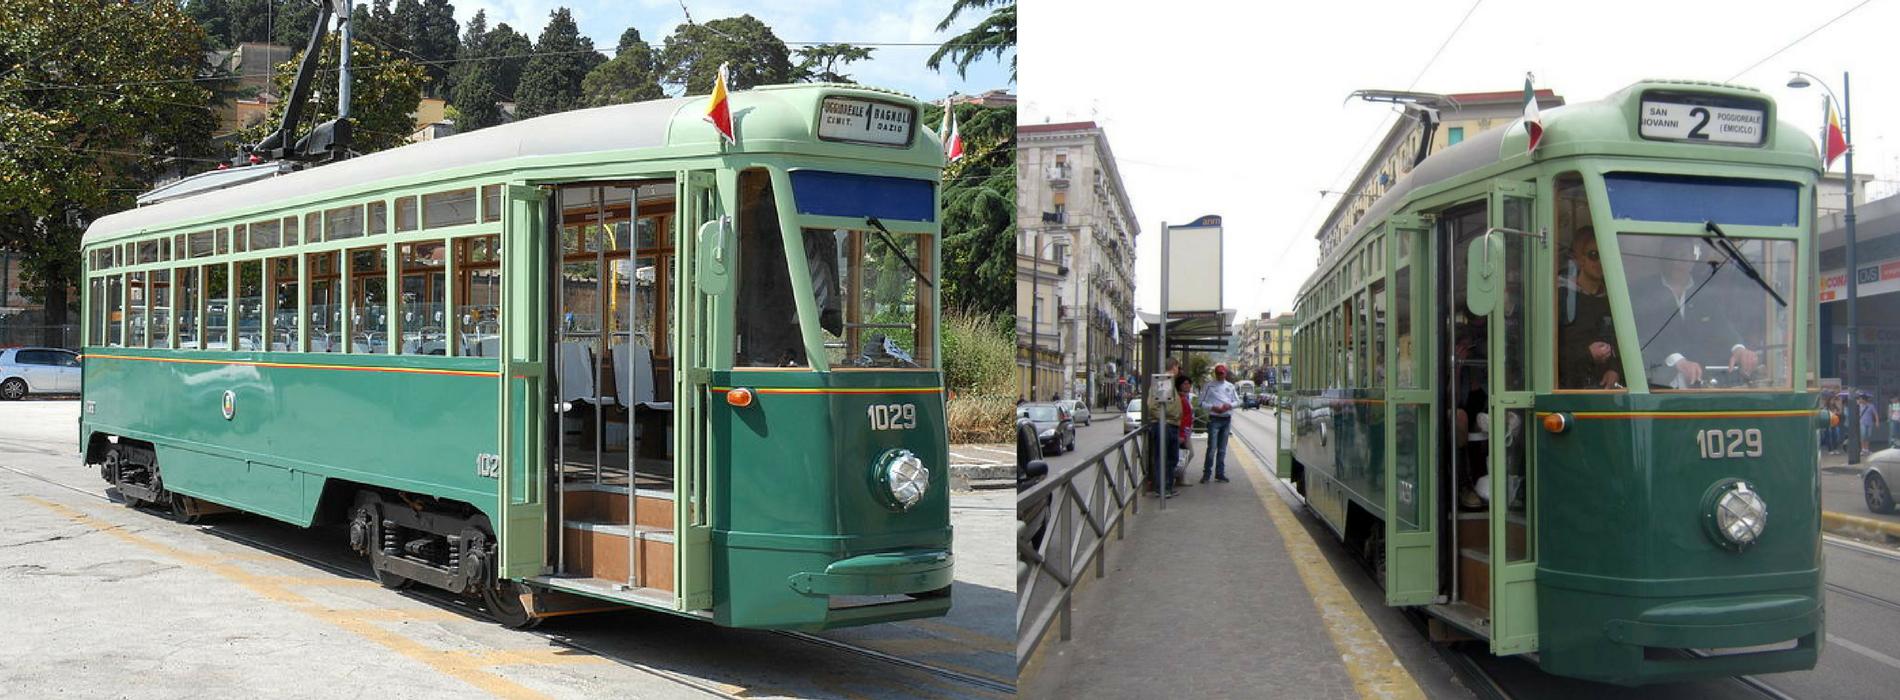 Il ritorno a Napoli delle vecchie linee del tram